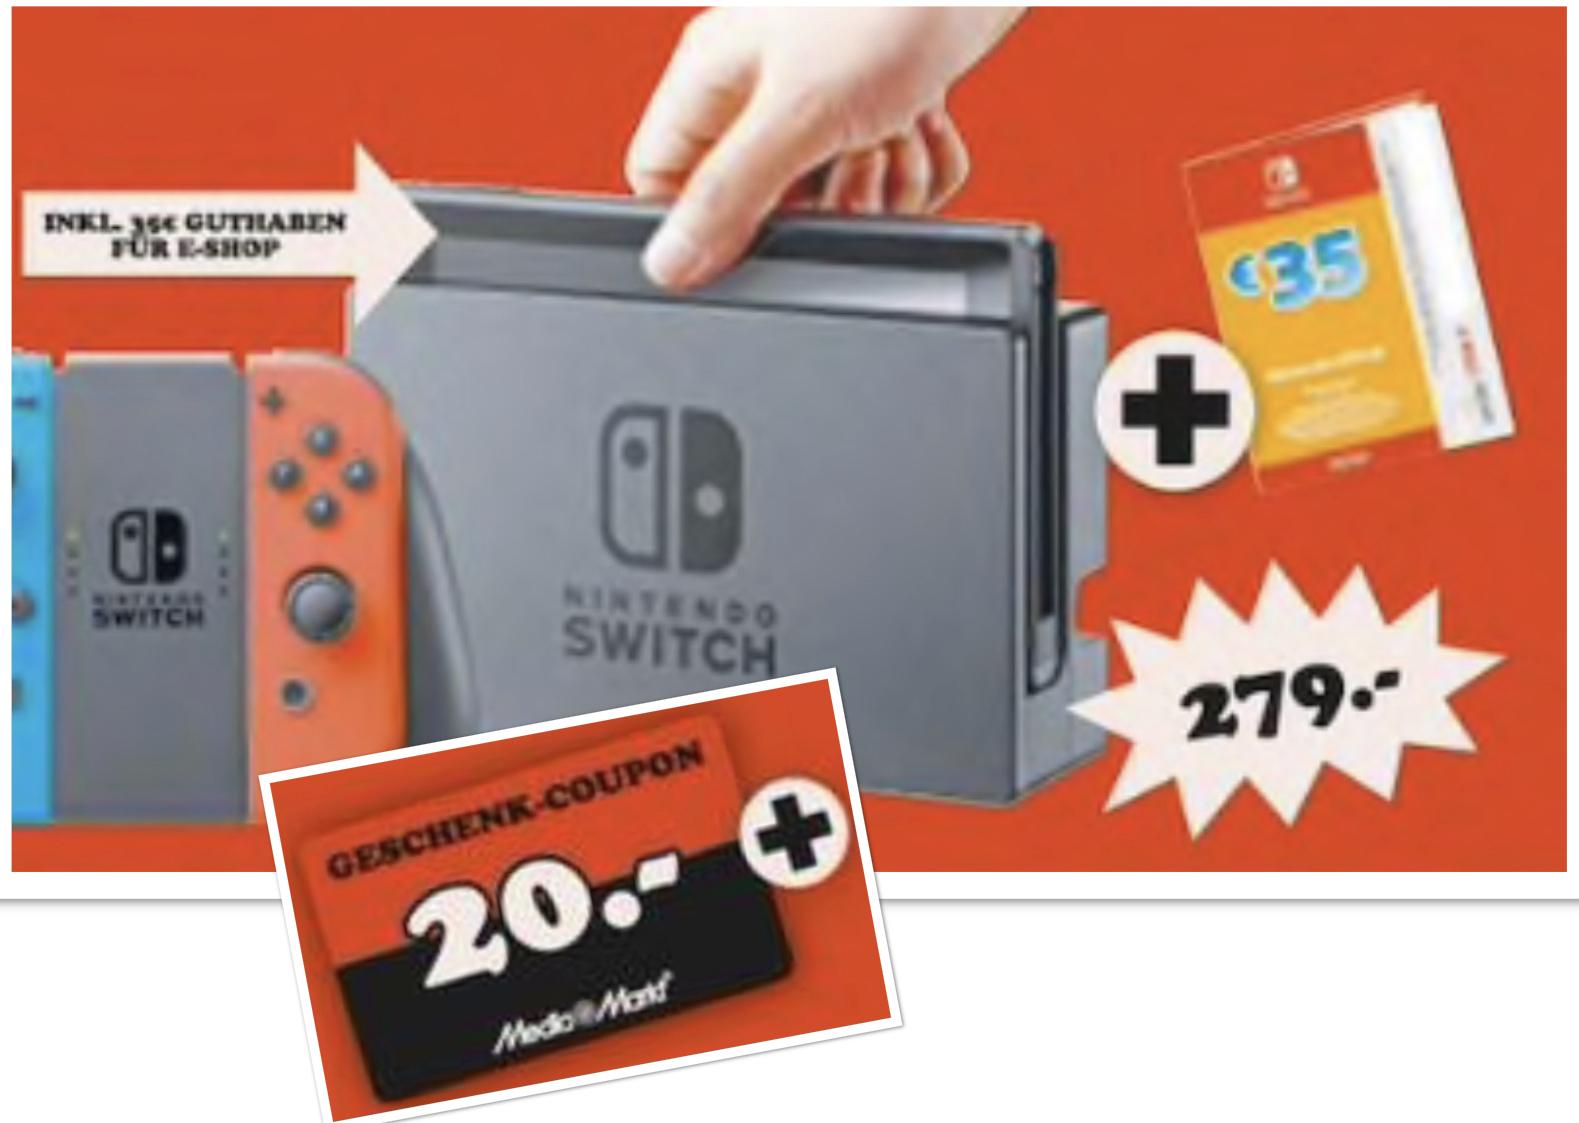 Lokal MediaMarkt Alzey, Mainz: Nintendo Switch Konsole + 35€ E-Shop Guthaben + 20€ Geschenk-Coupon + Zubehörpaket für 279€